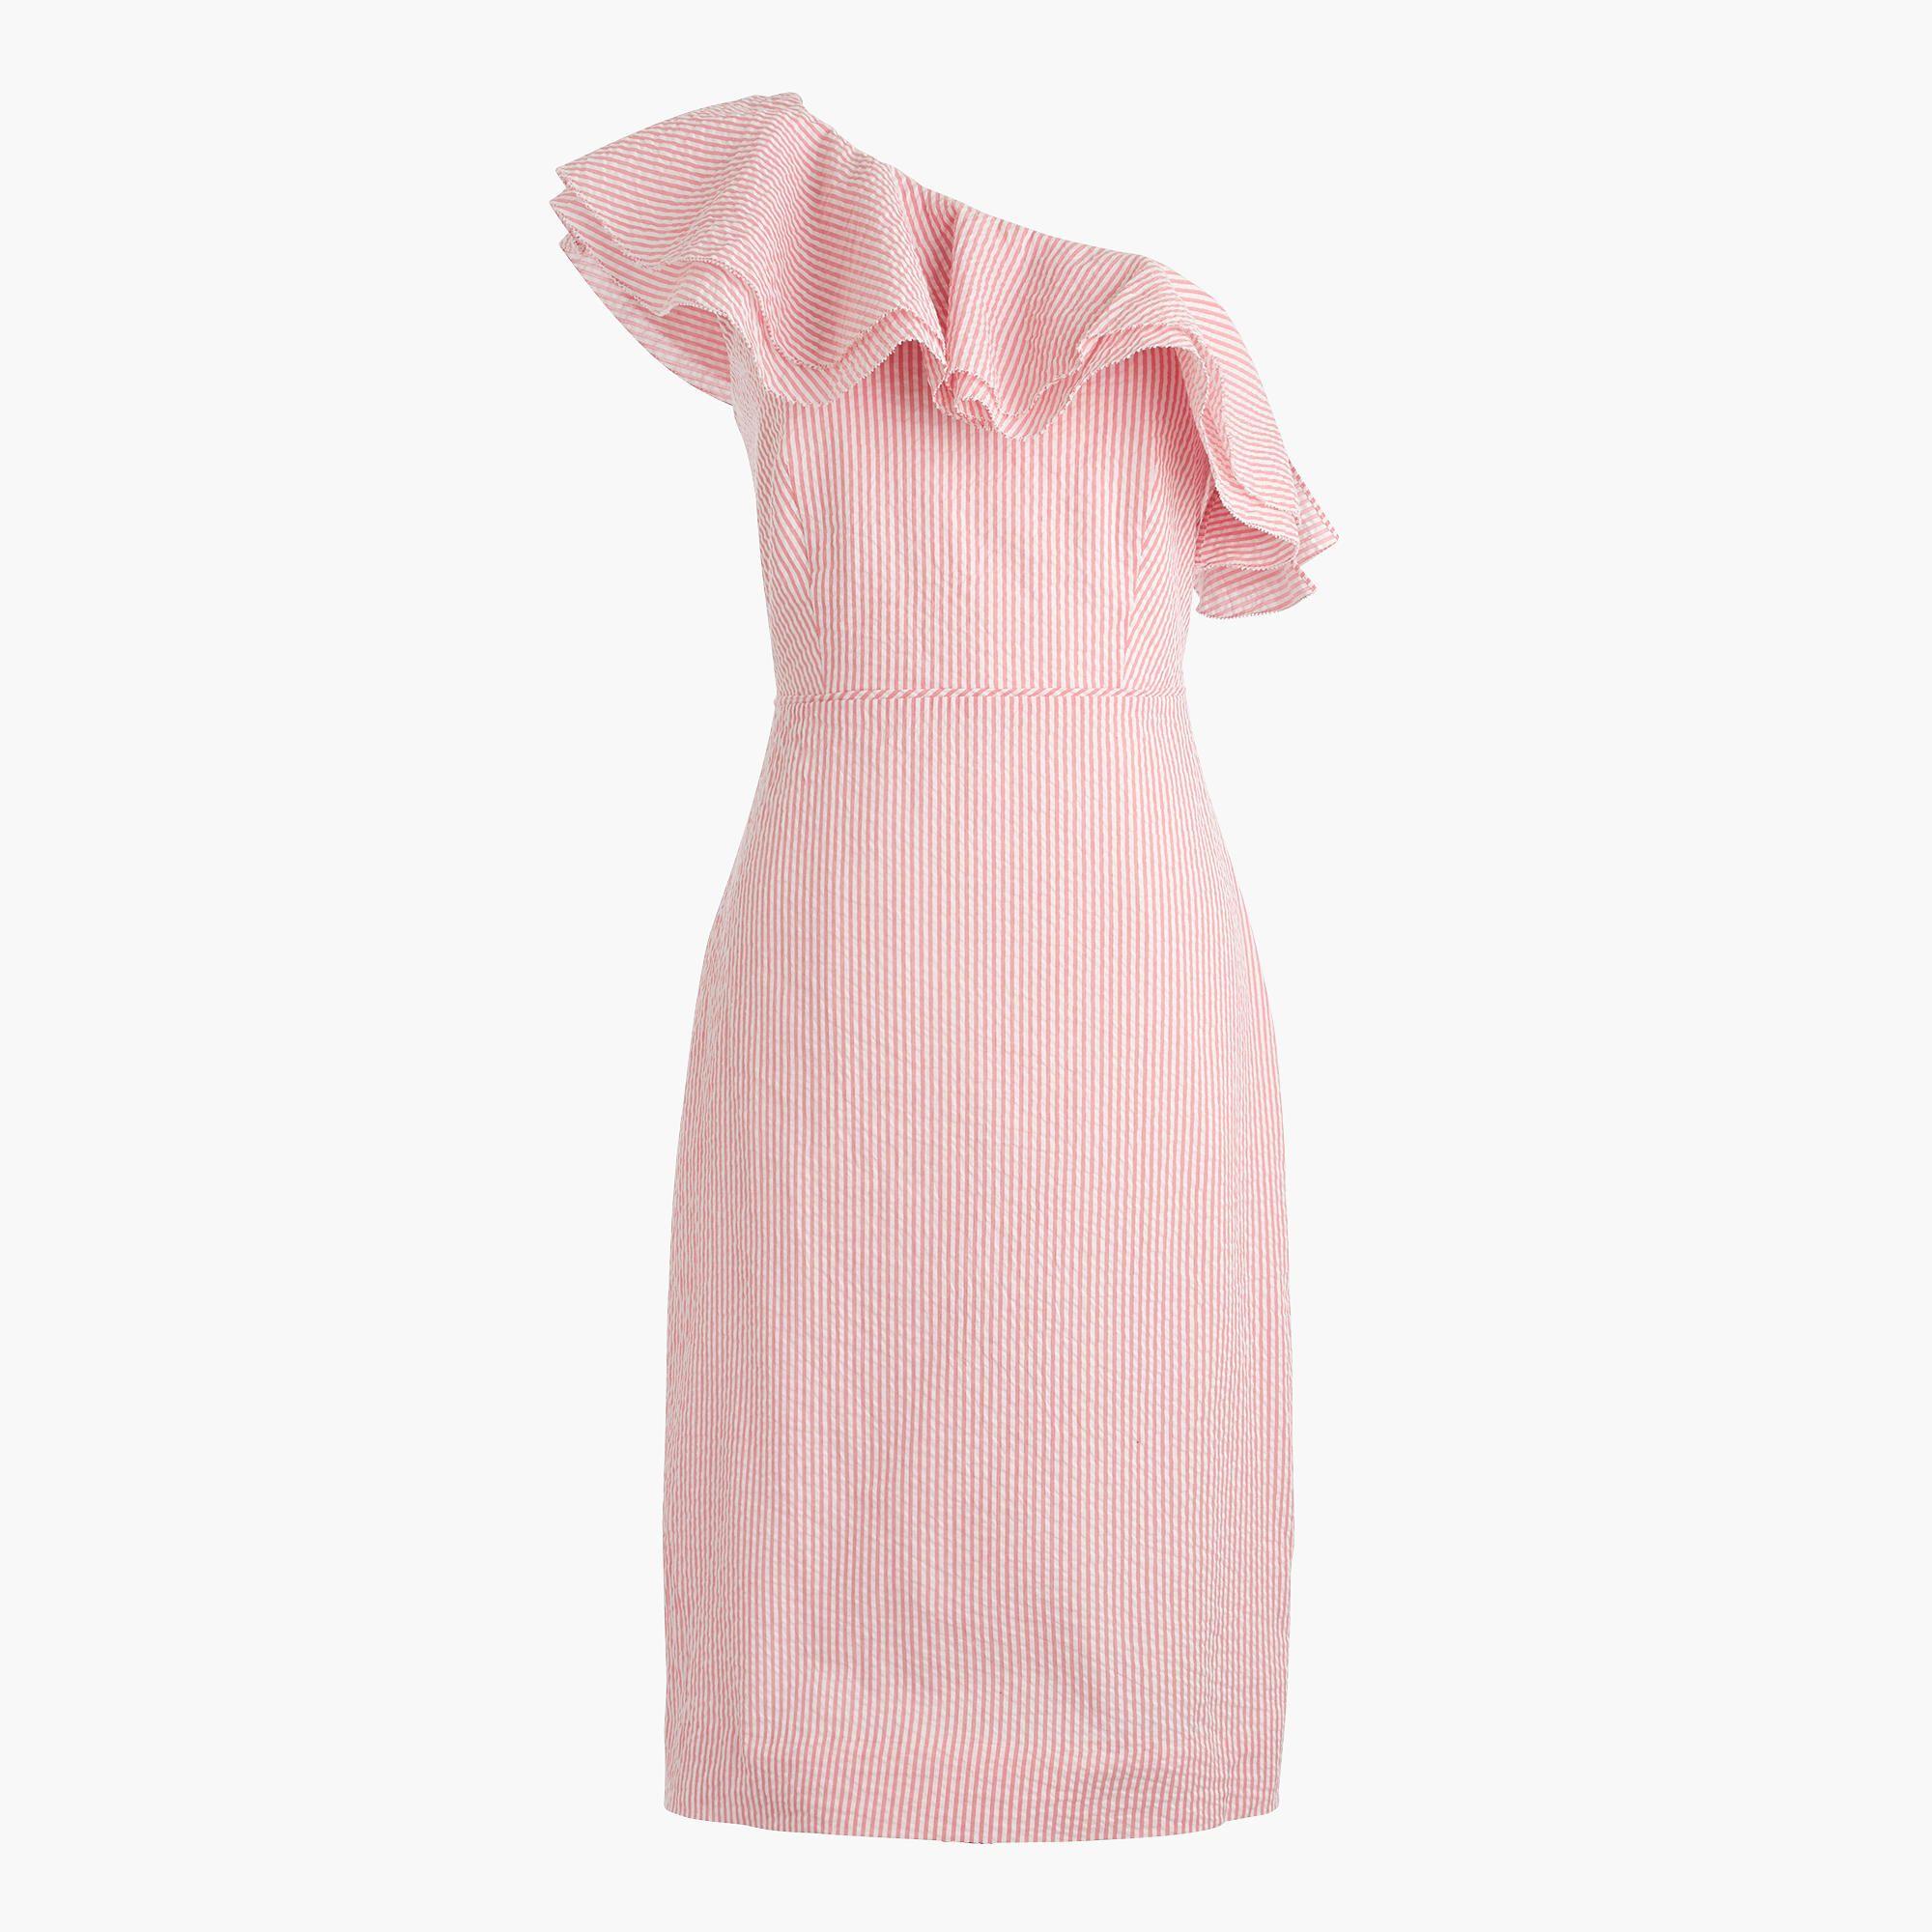 J.Crew Womens One-Shoulder Ruffle Dress In Seersucker (Size 10)